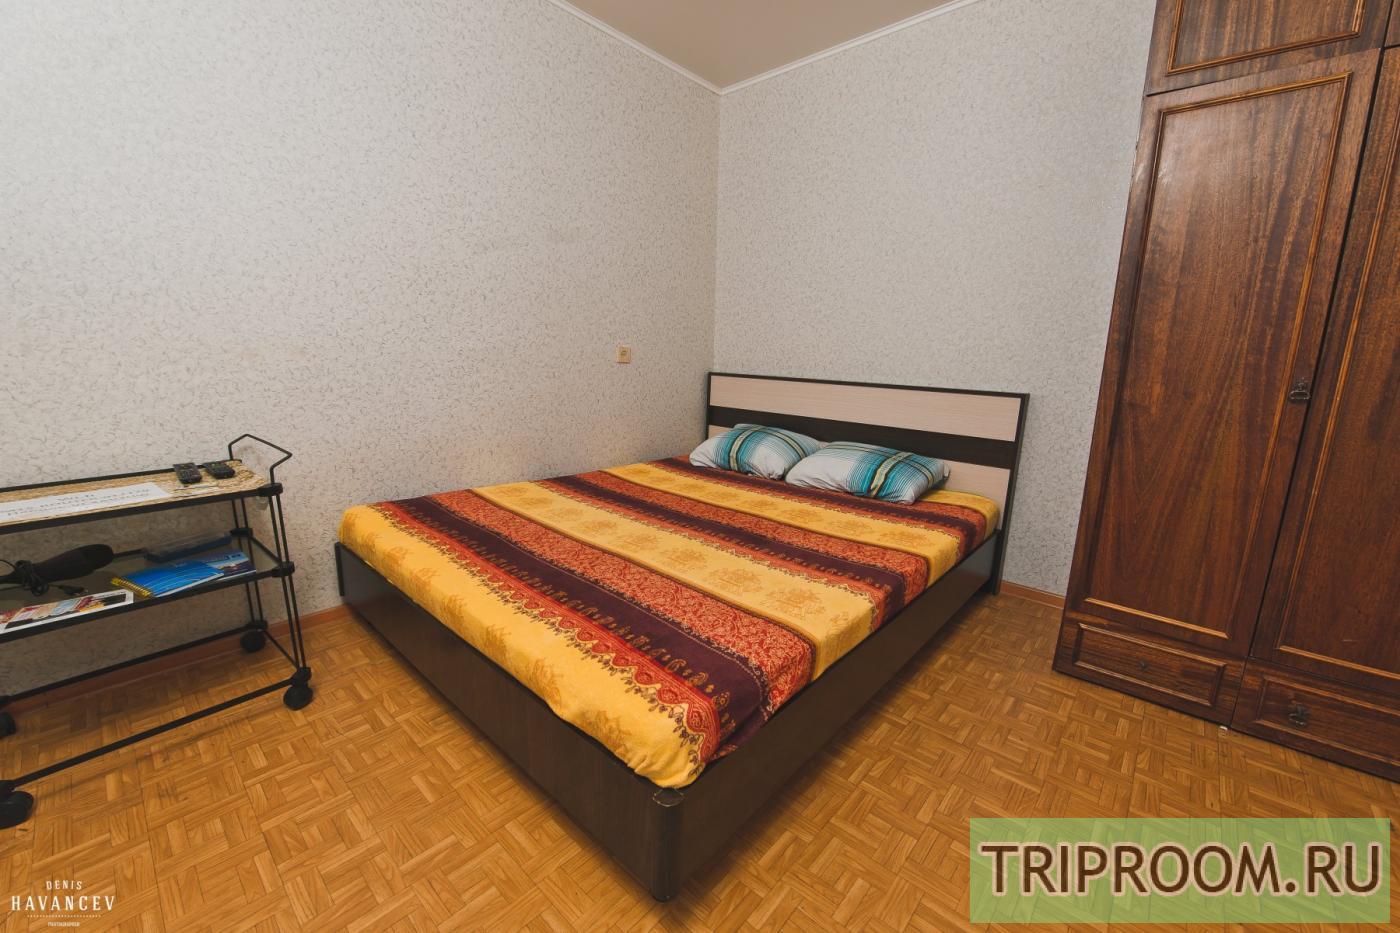 1-комнатная квартира посуточно (вариант № 14826), ул. Радищева улица, фото № 2